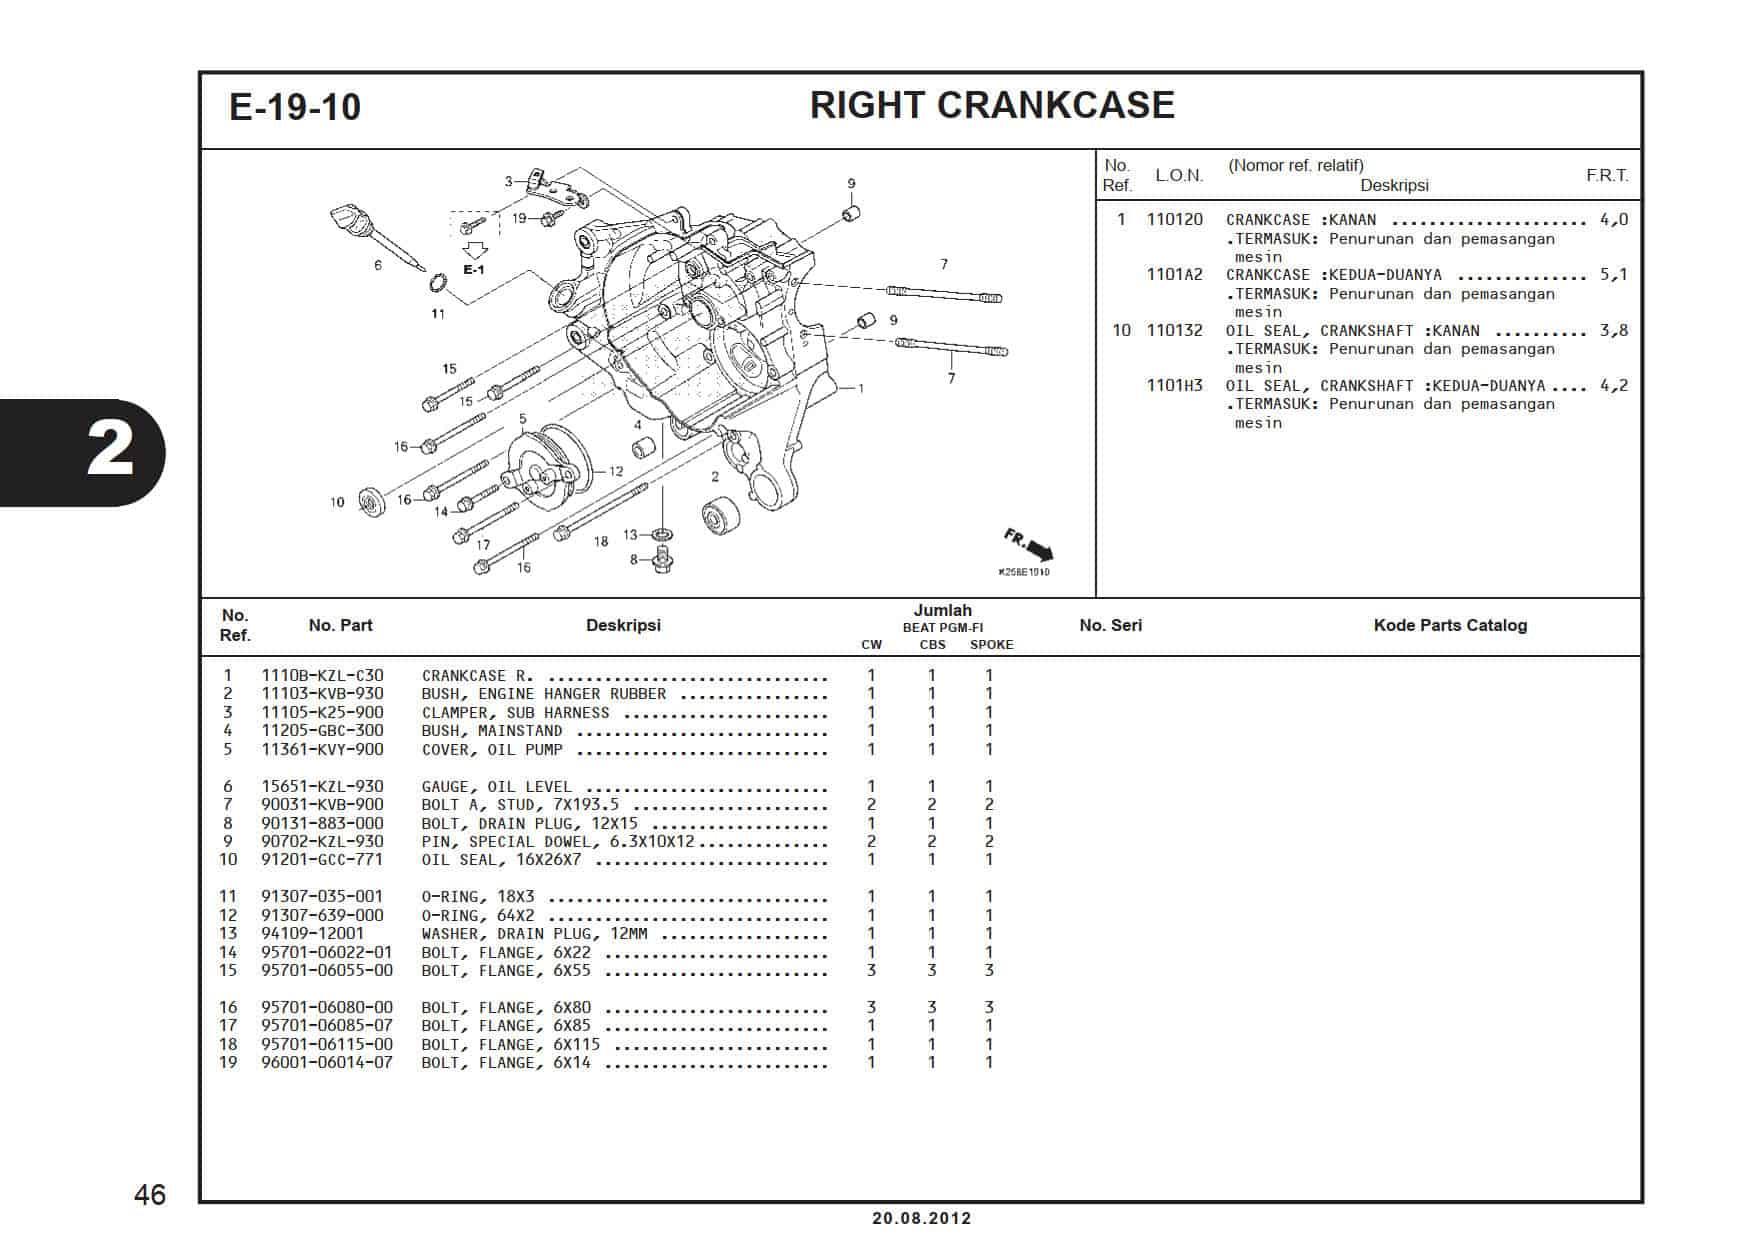 E-19-10 Right Crankcase Cover